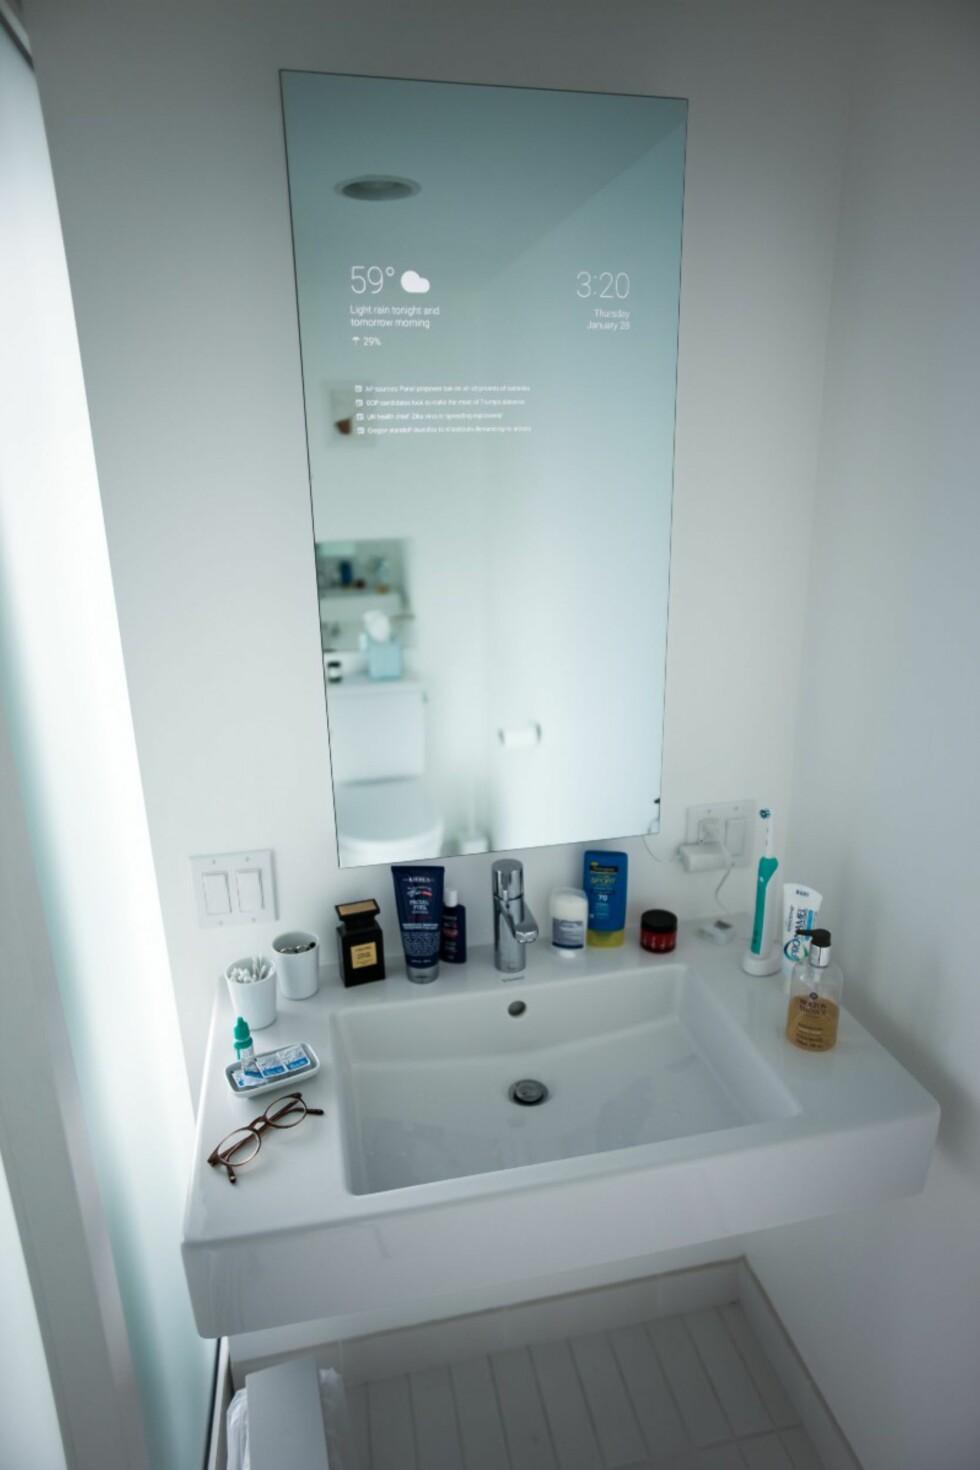 <strong><b>STILIG:</strong></b> Det smarte baderomsspeilet er en hjemmemekket løsning, men ser bra ut utenfra. Foto: MAX BRAUN